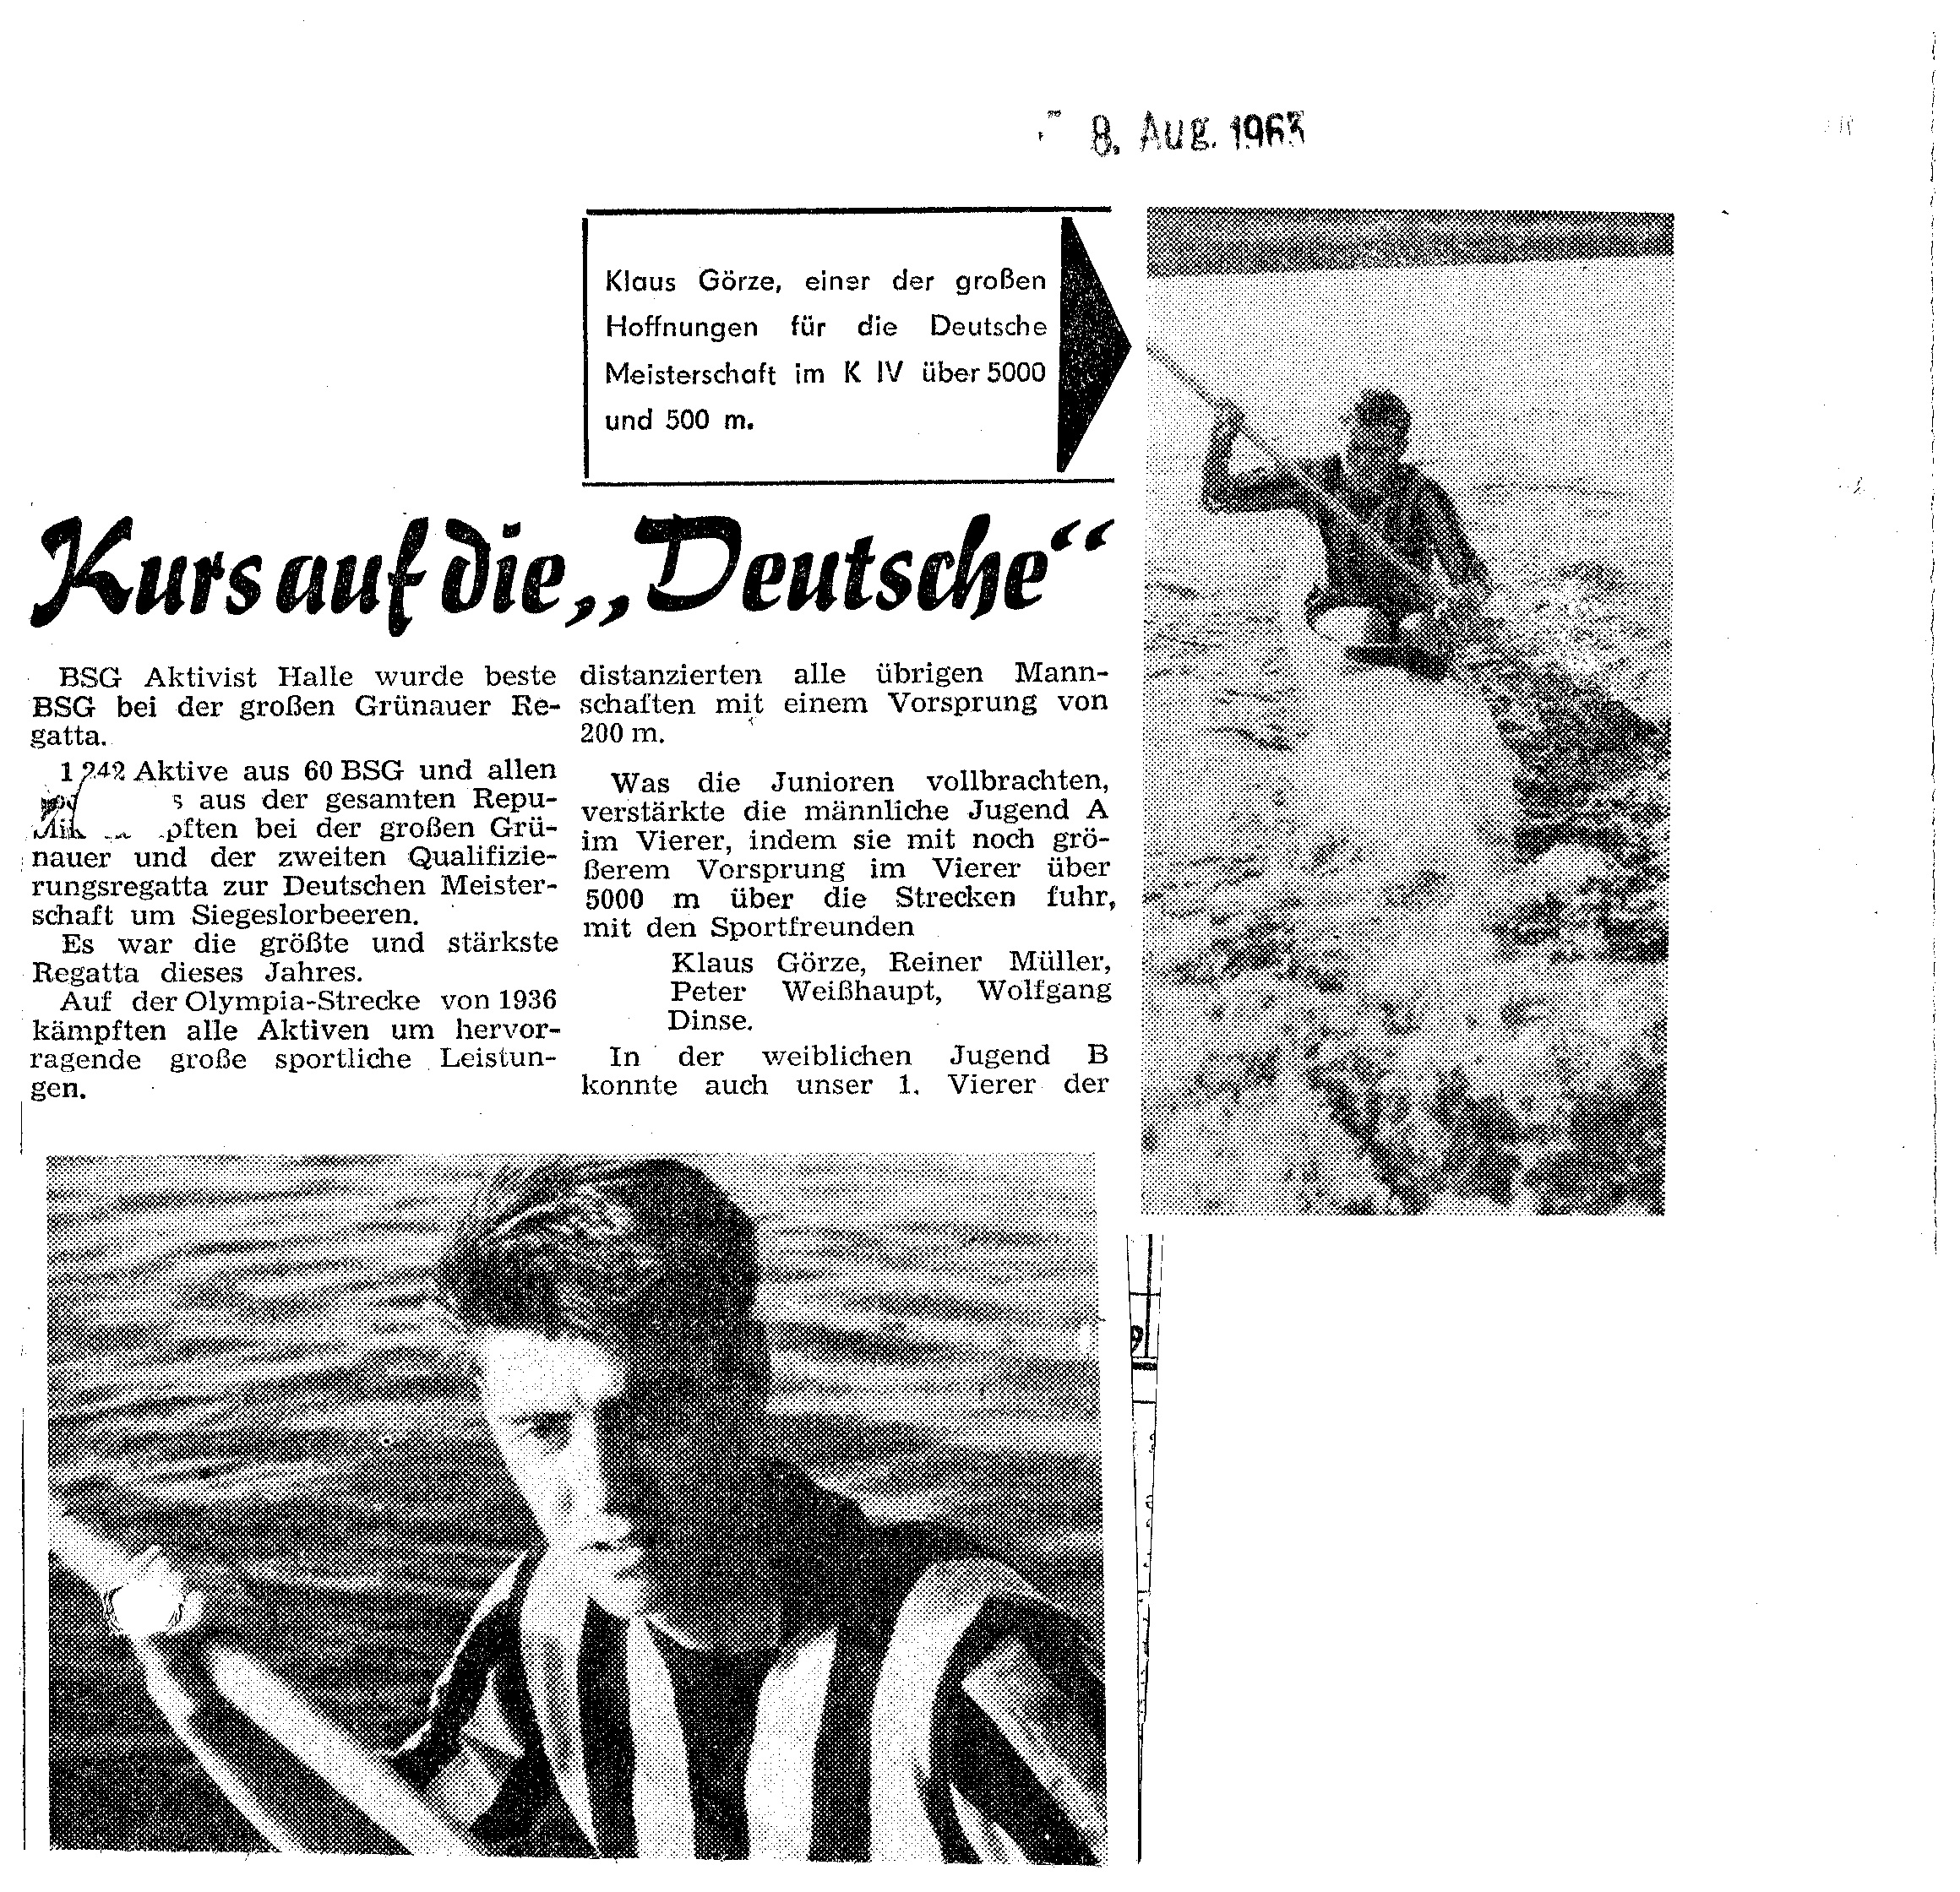 1963-08-08 Kurs auf die Deutsche